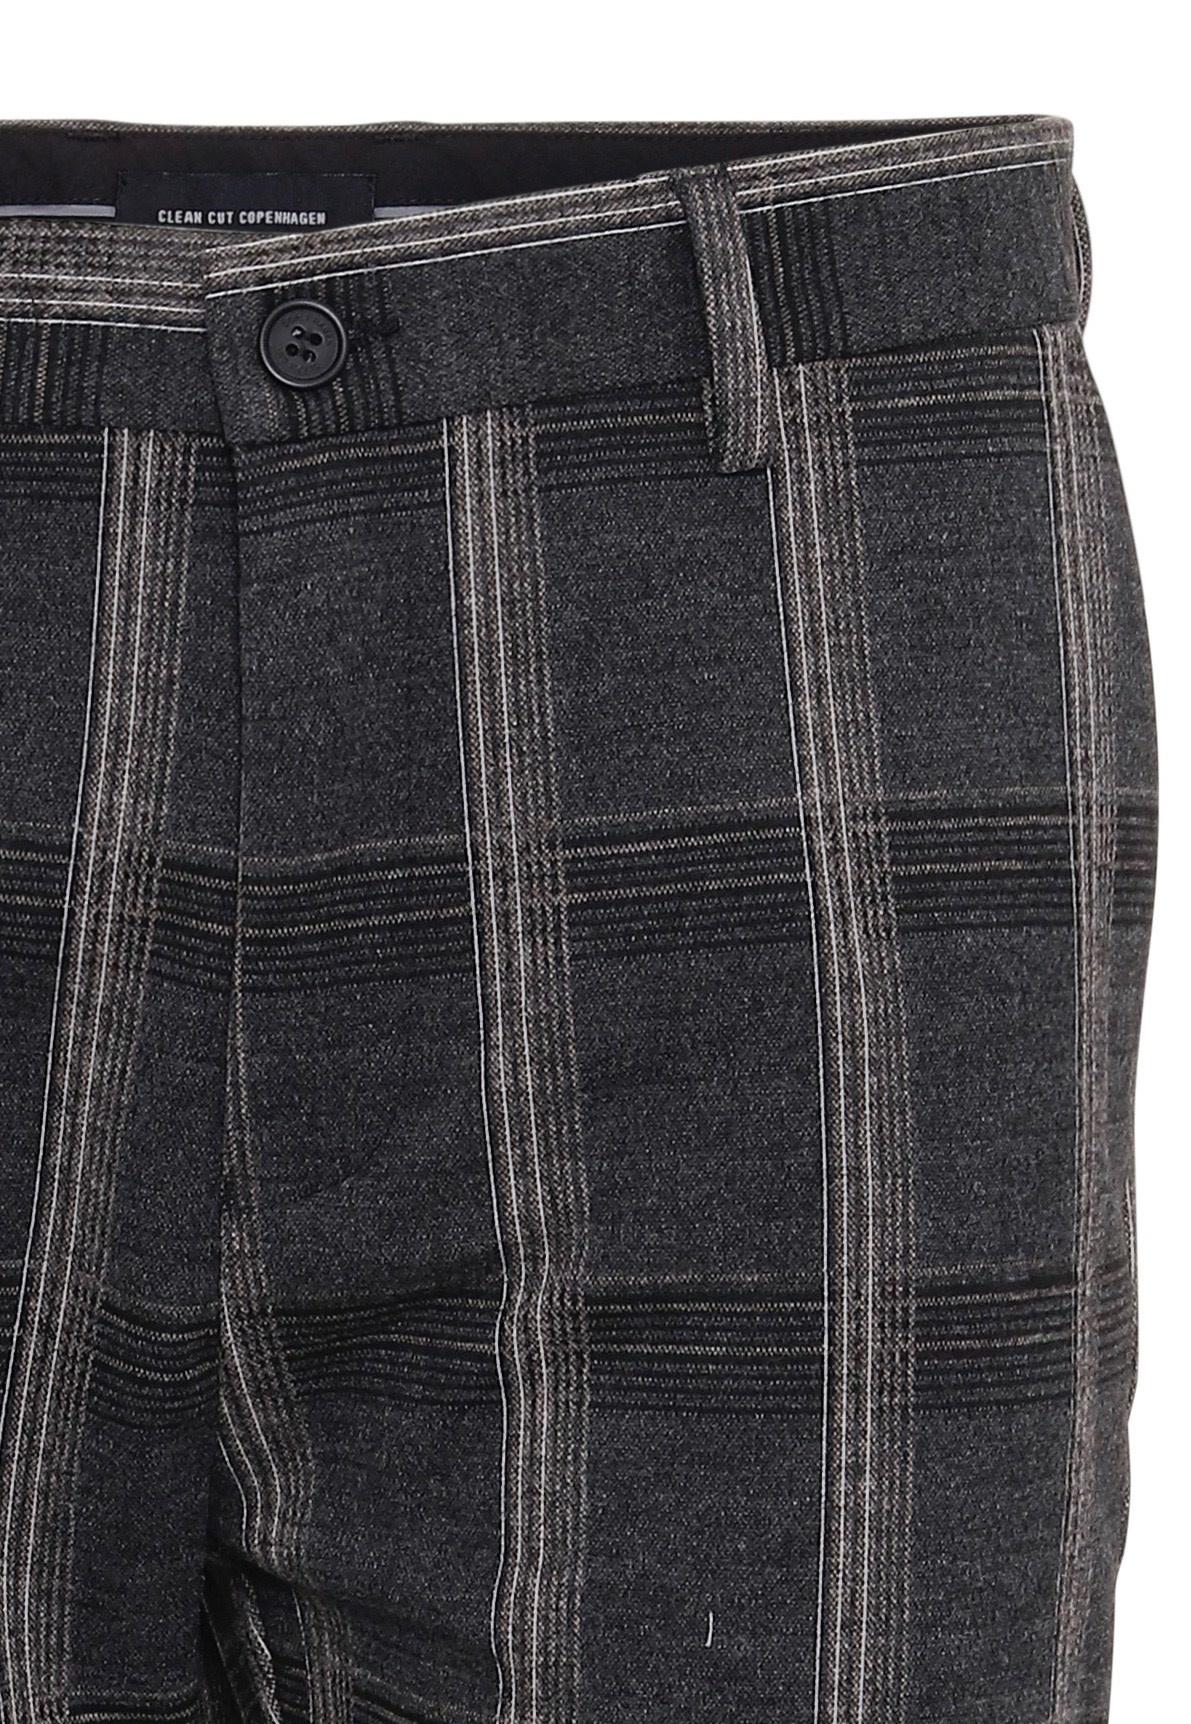 Clean Cut Clean Cut Milano Silas Pant Dark Grey